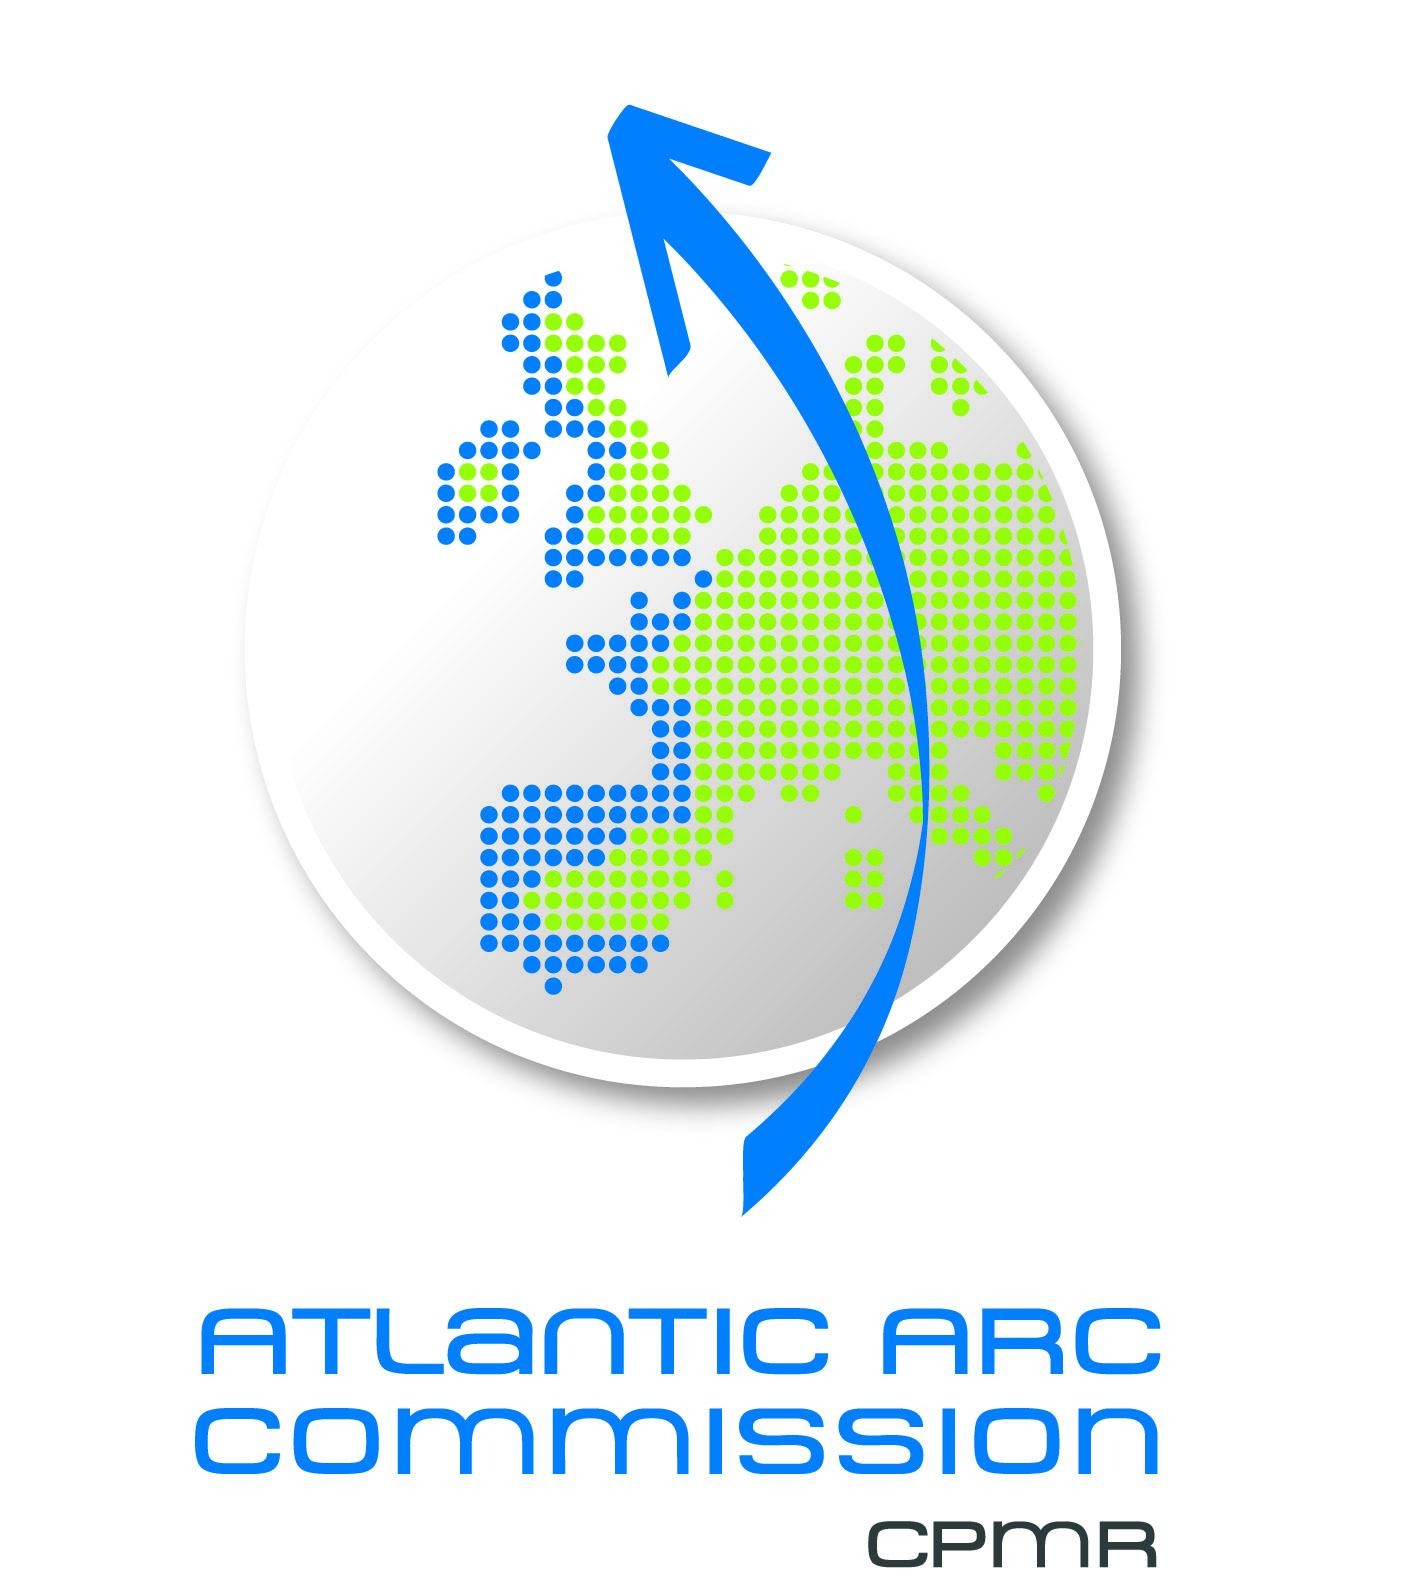 Atlantic Arc Commission CPMA